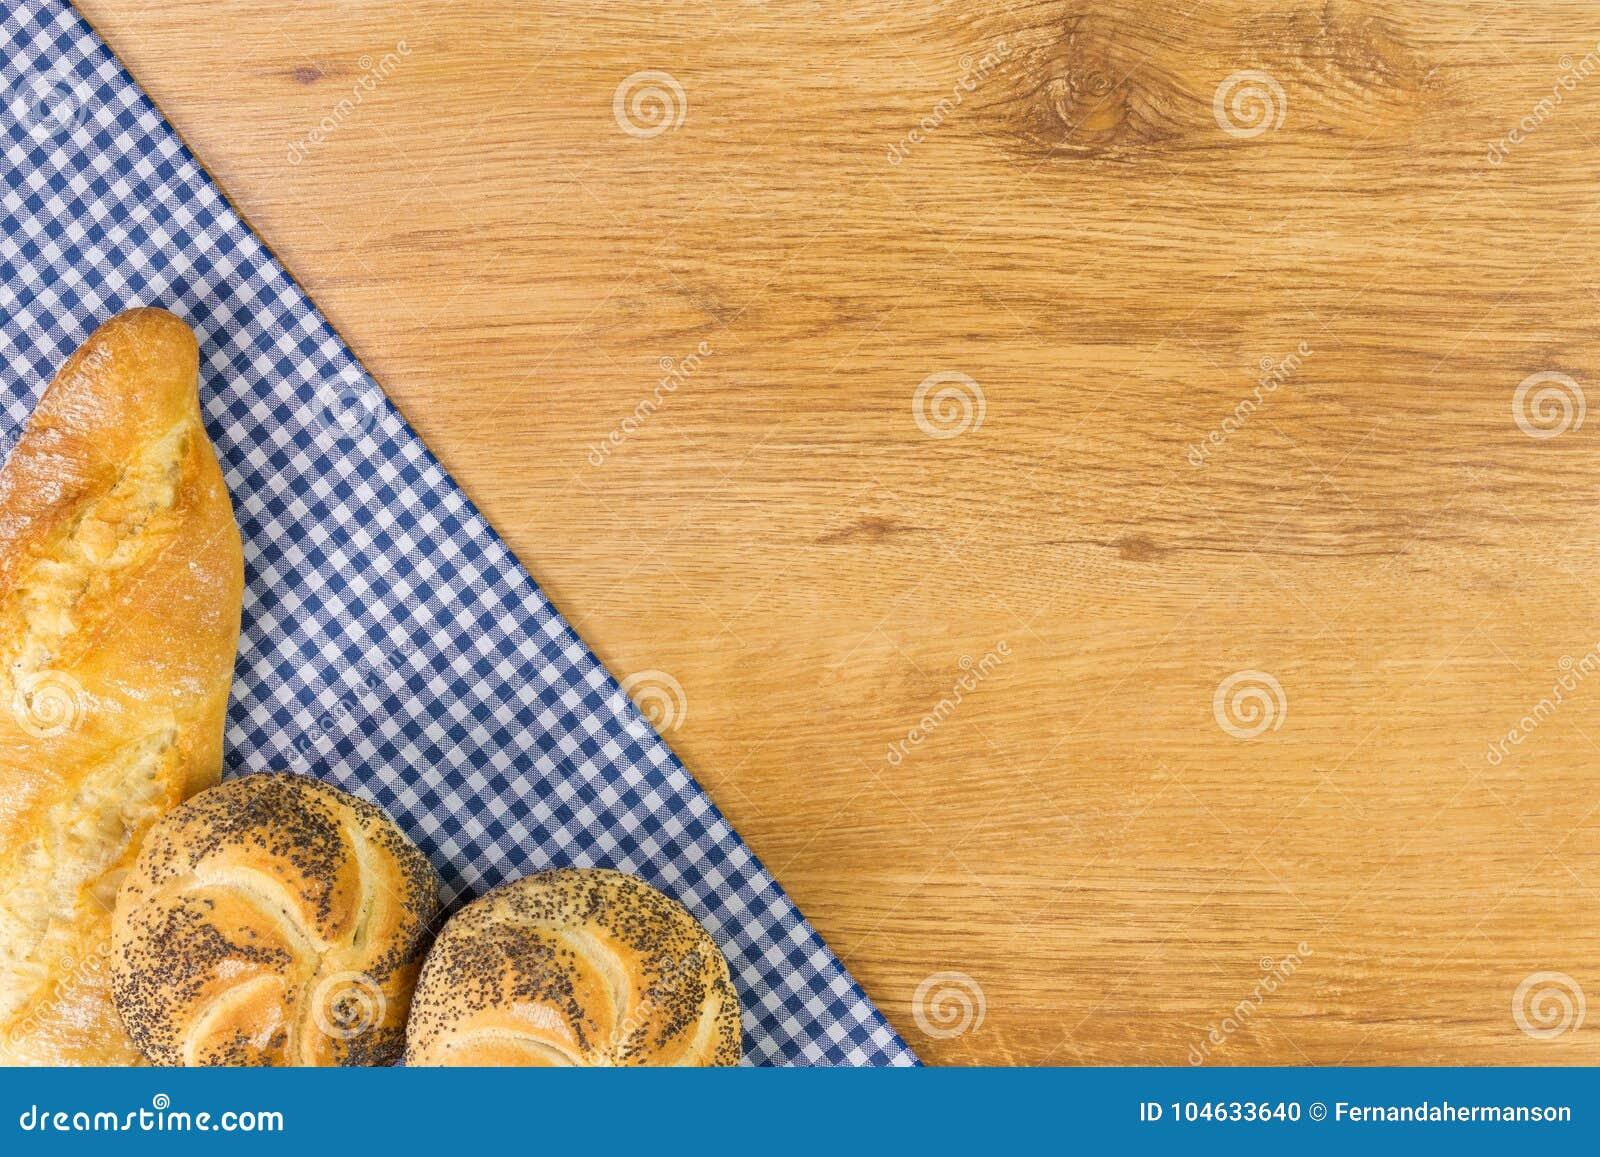 Download Vers Brood Op Houten Lijst Hoogste Mening Met Ruimte Voor Uw Tekst Stock Foto - Afbeelding bestaande uit bloem, keuken: 104633640